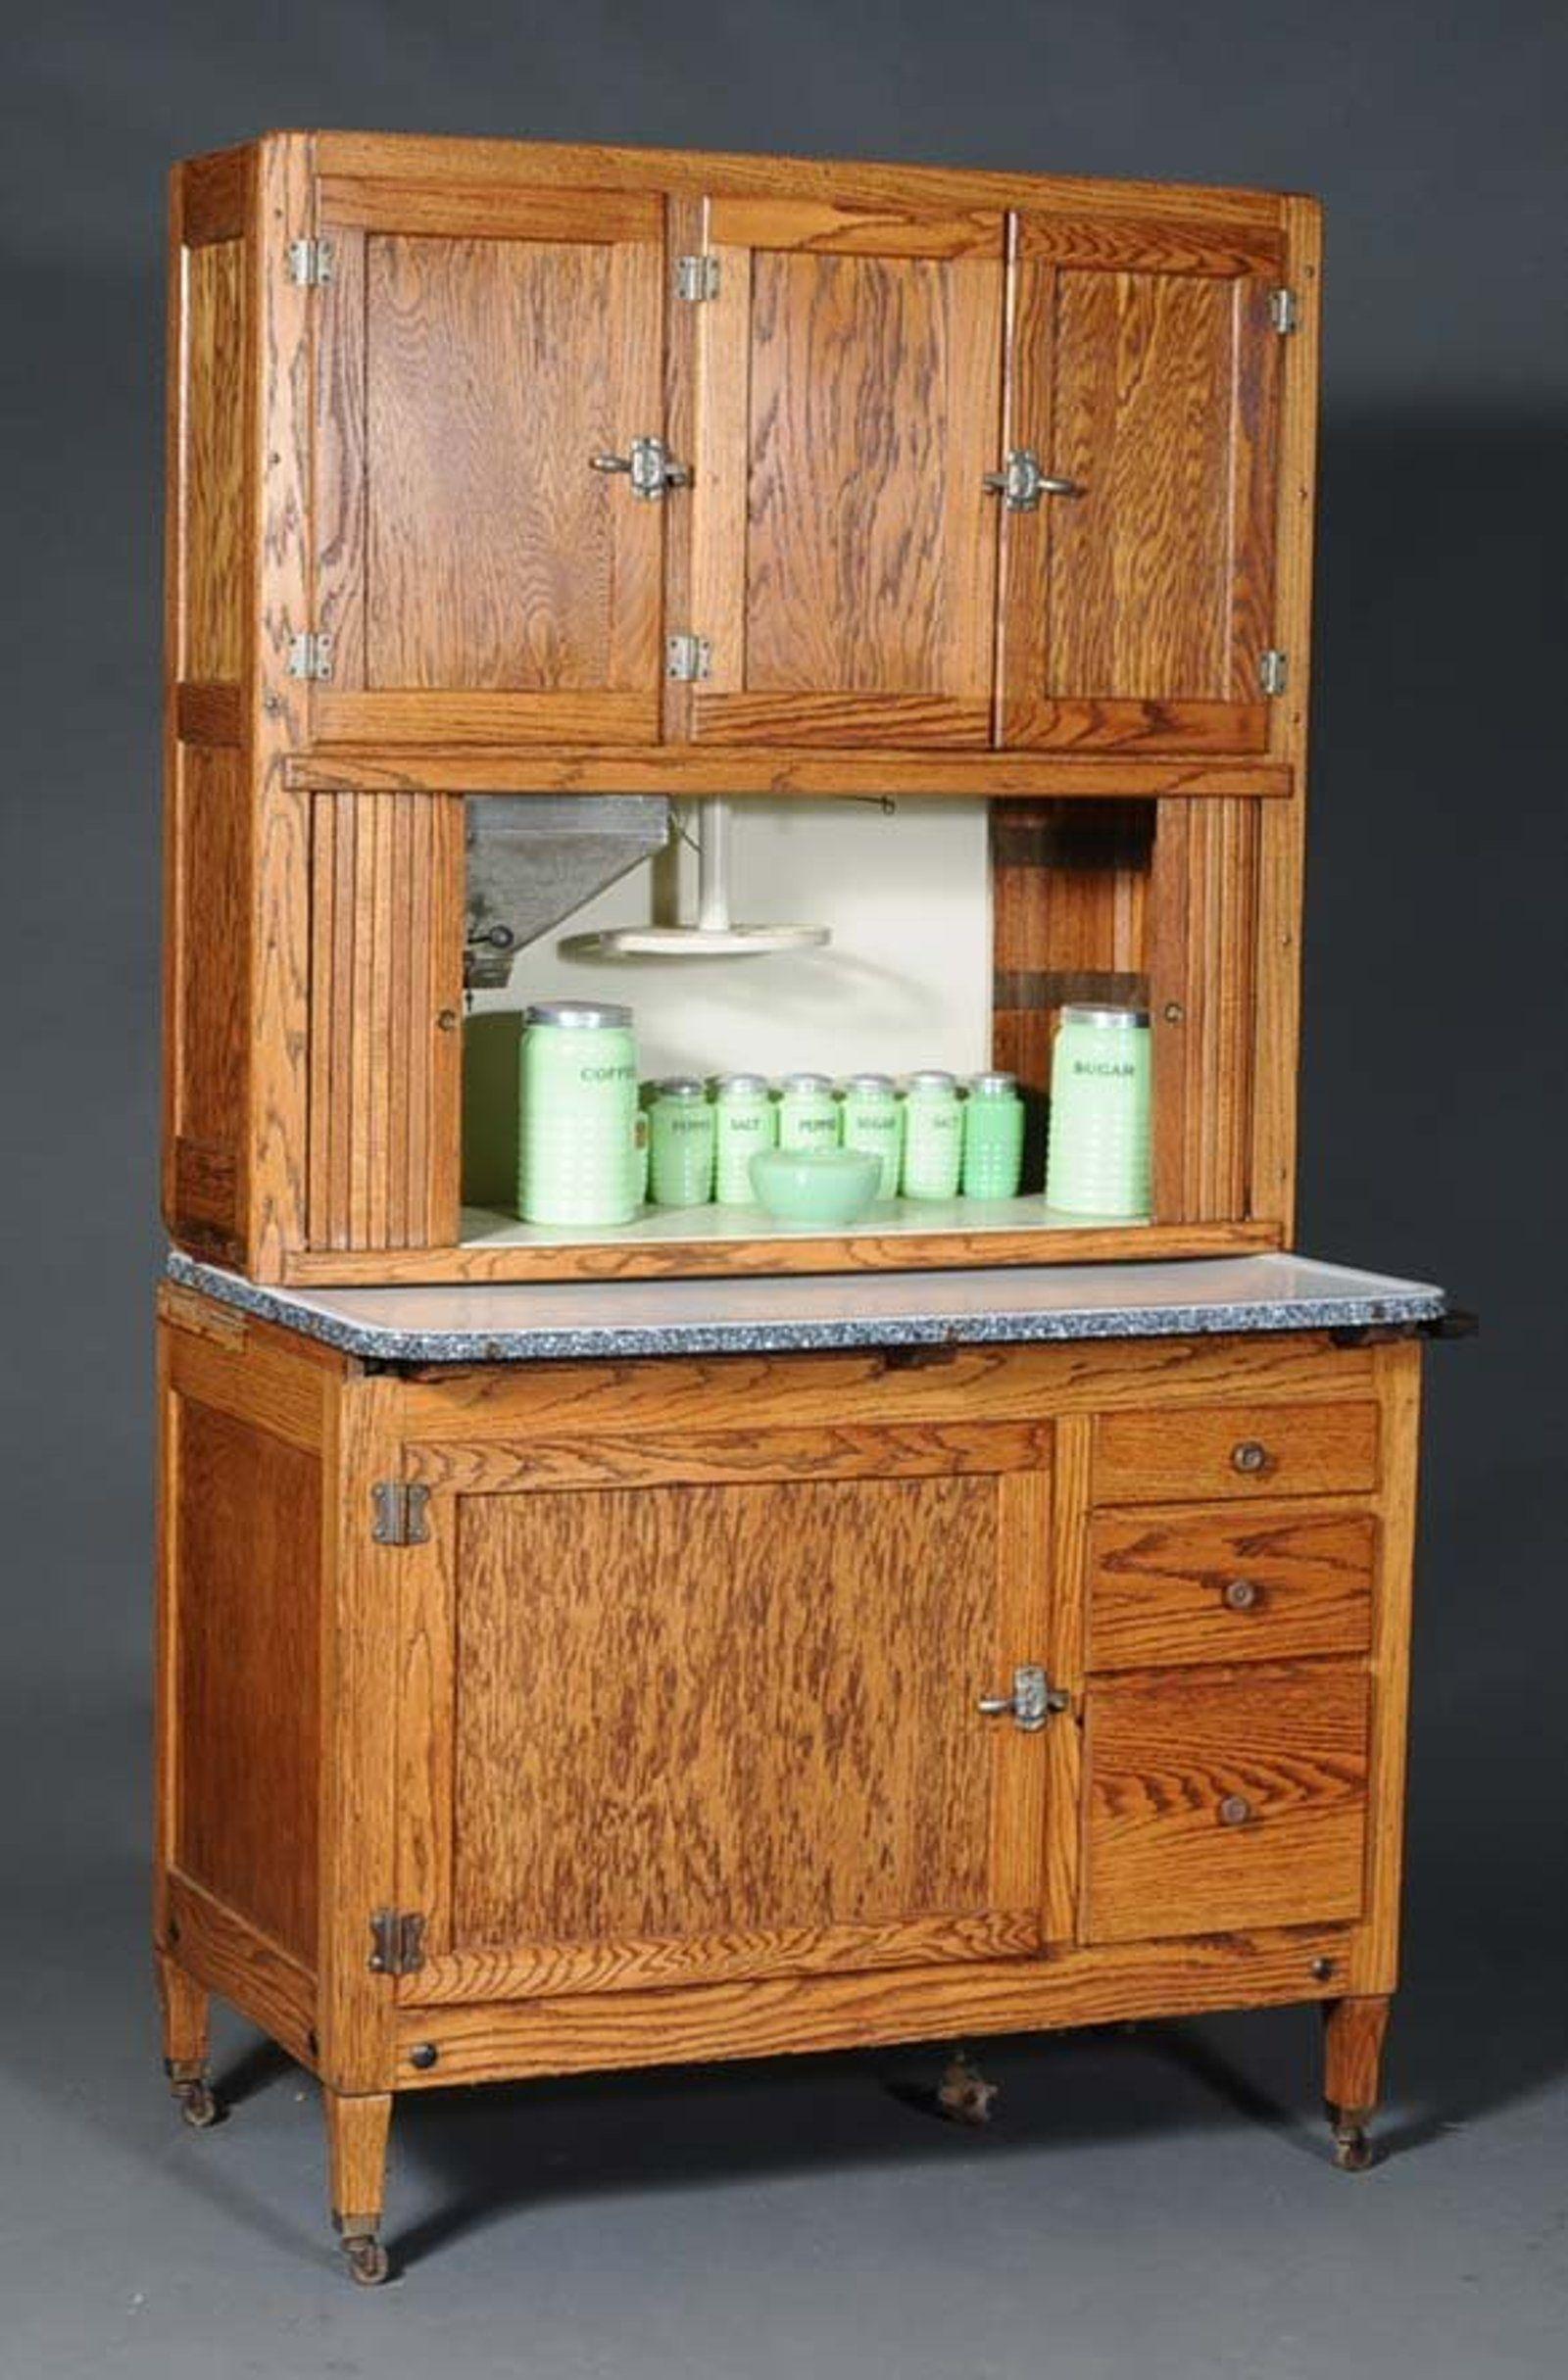 Lot 284 Hoosier Oak Kitchen Cabinet Lot Number 0284 Starting Bid 150 Auctioneer Fairfield Auction Llc Oak Kitchen Cabinets Hoosier Cabinets Cabinet